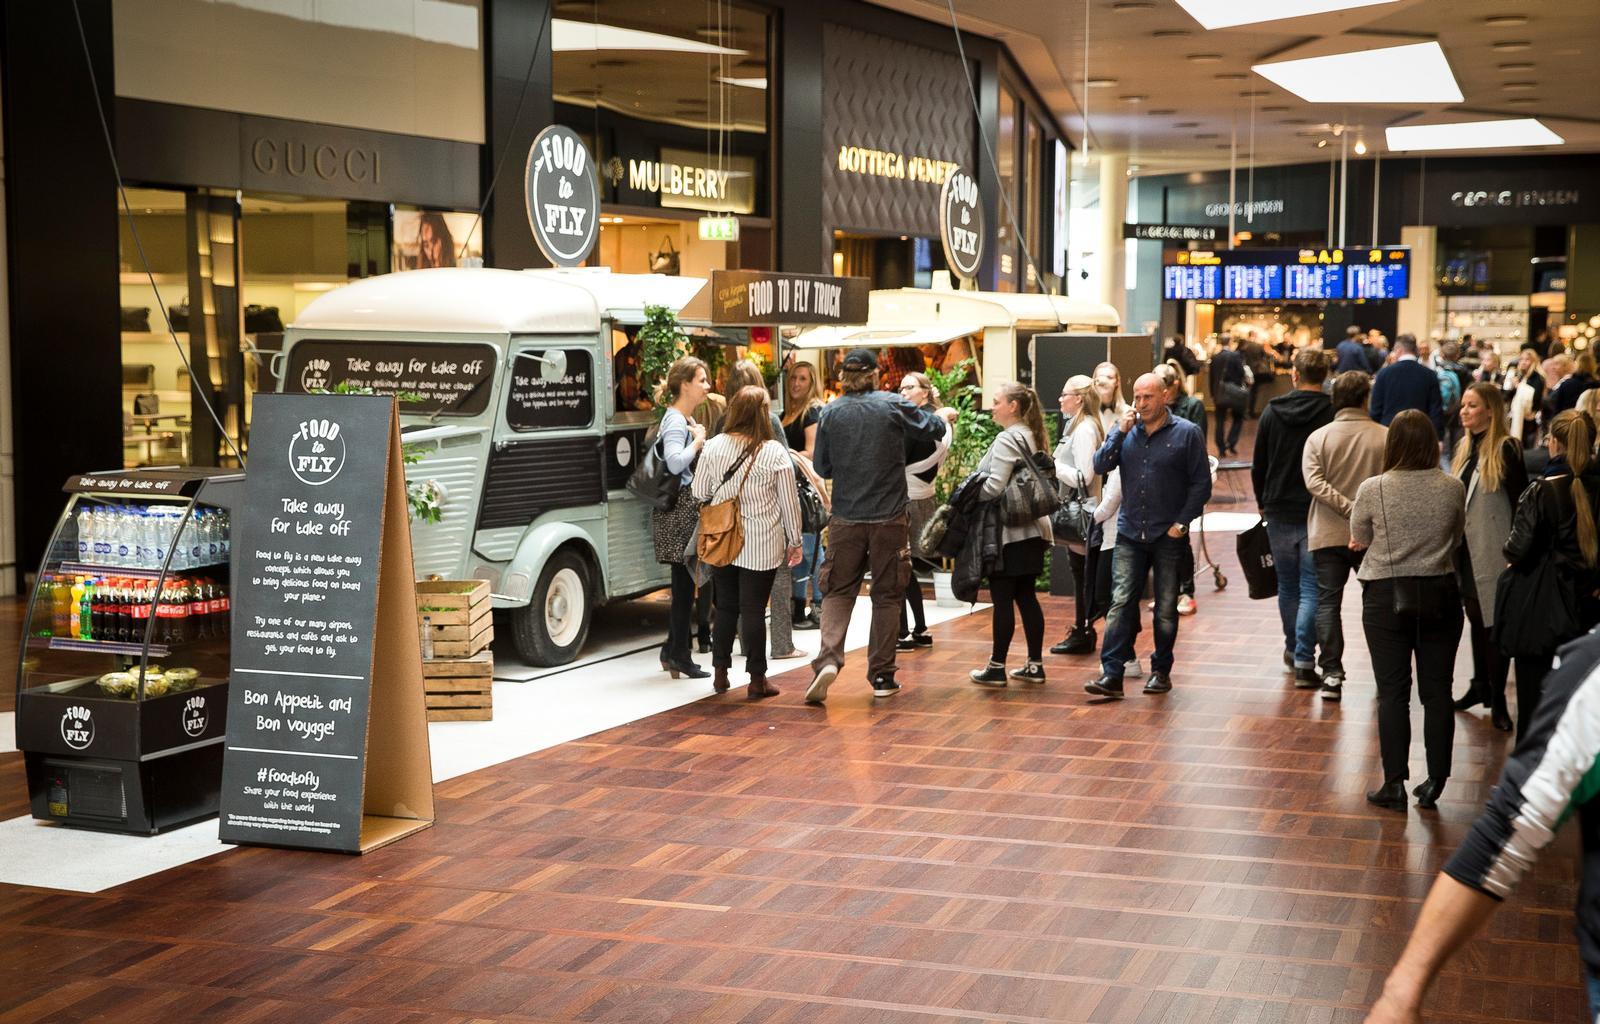 Shoppingcentret i Københavns Lufthavn. Foto: Ernst Tobisch